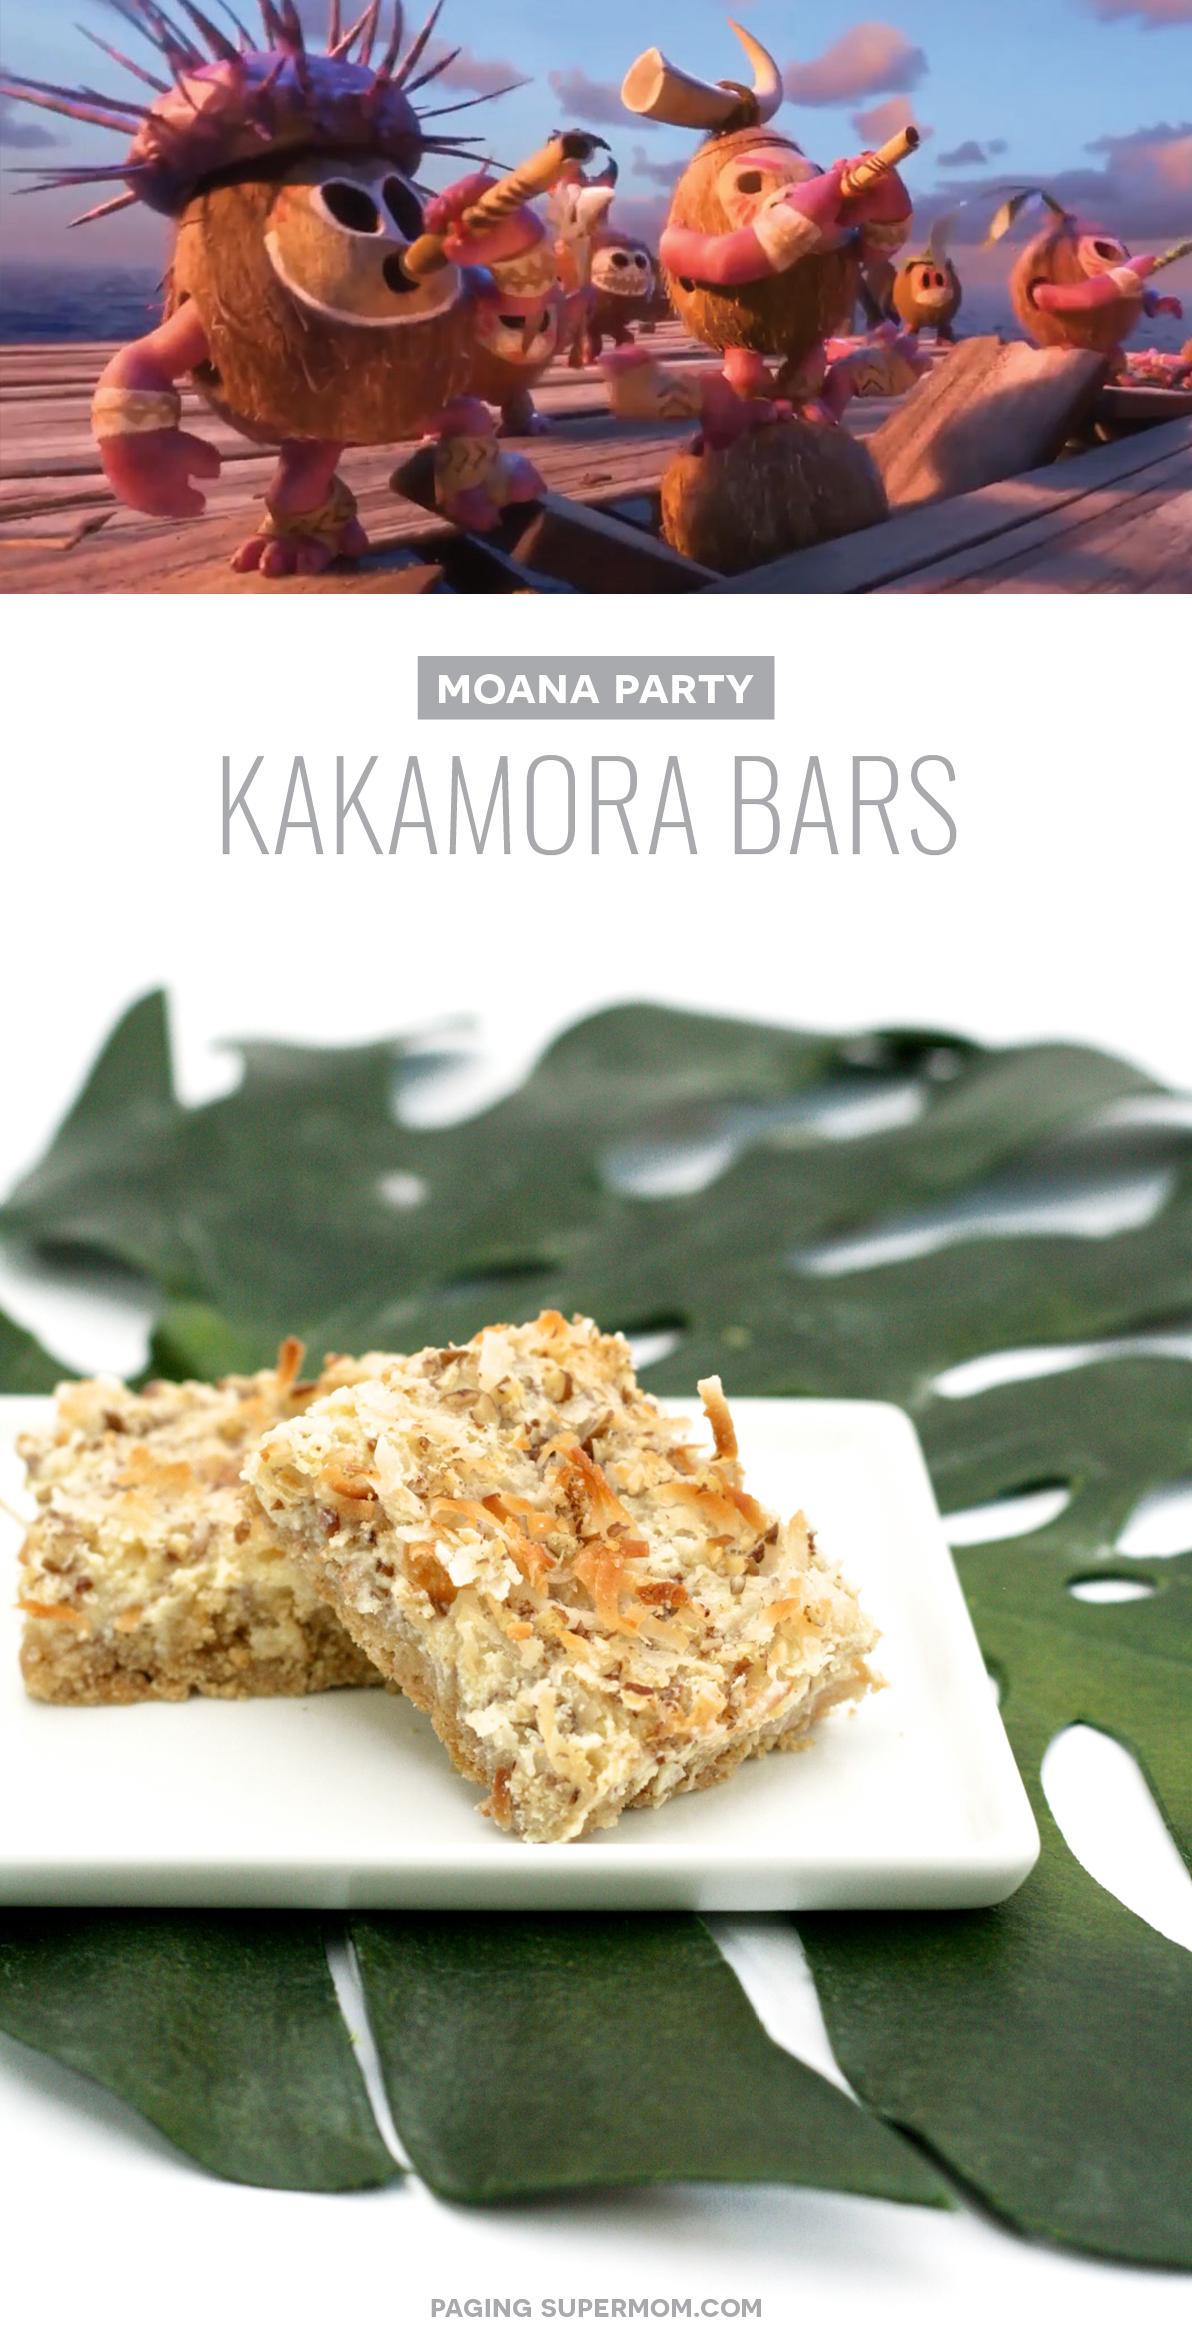 image regarding Kakamora Printable named Moana Get together Foodstuff Recommendations - Kakamora Coconut Snacks - Paging